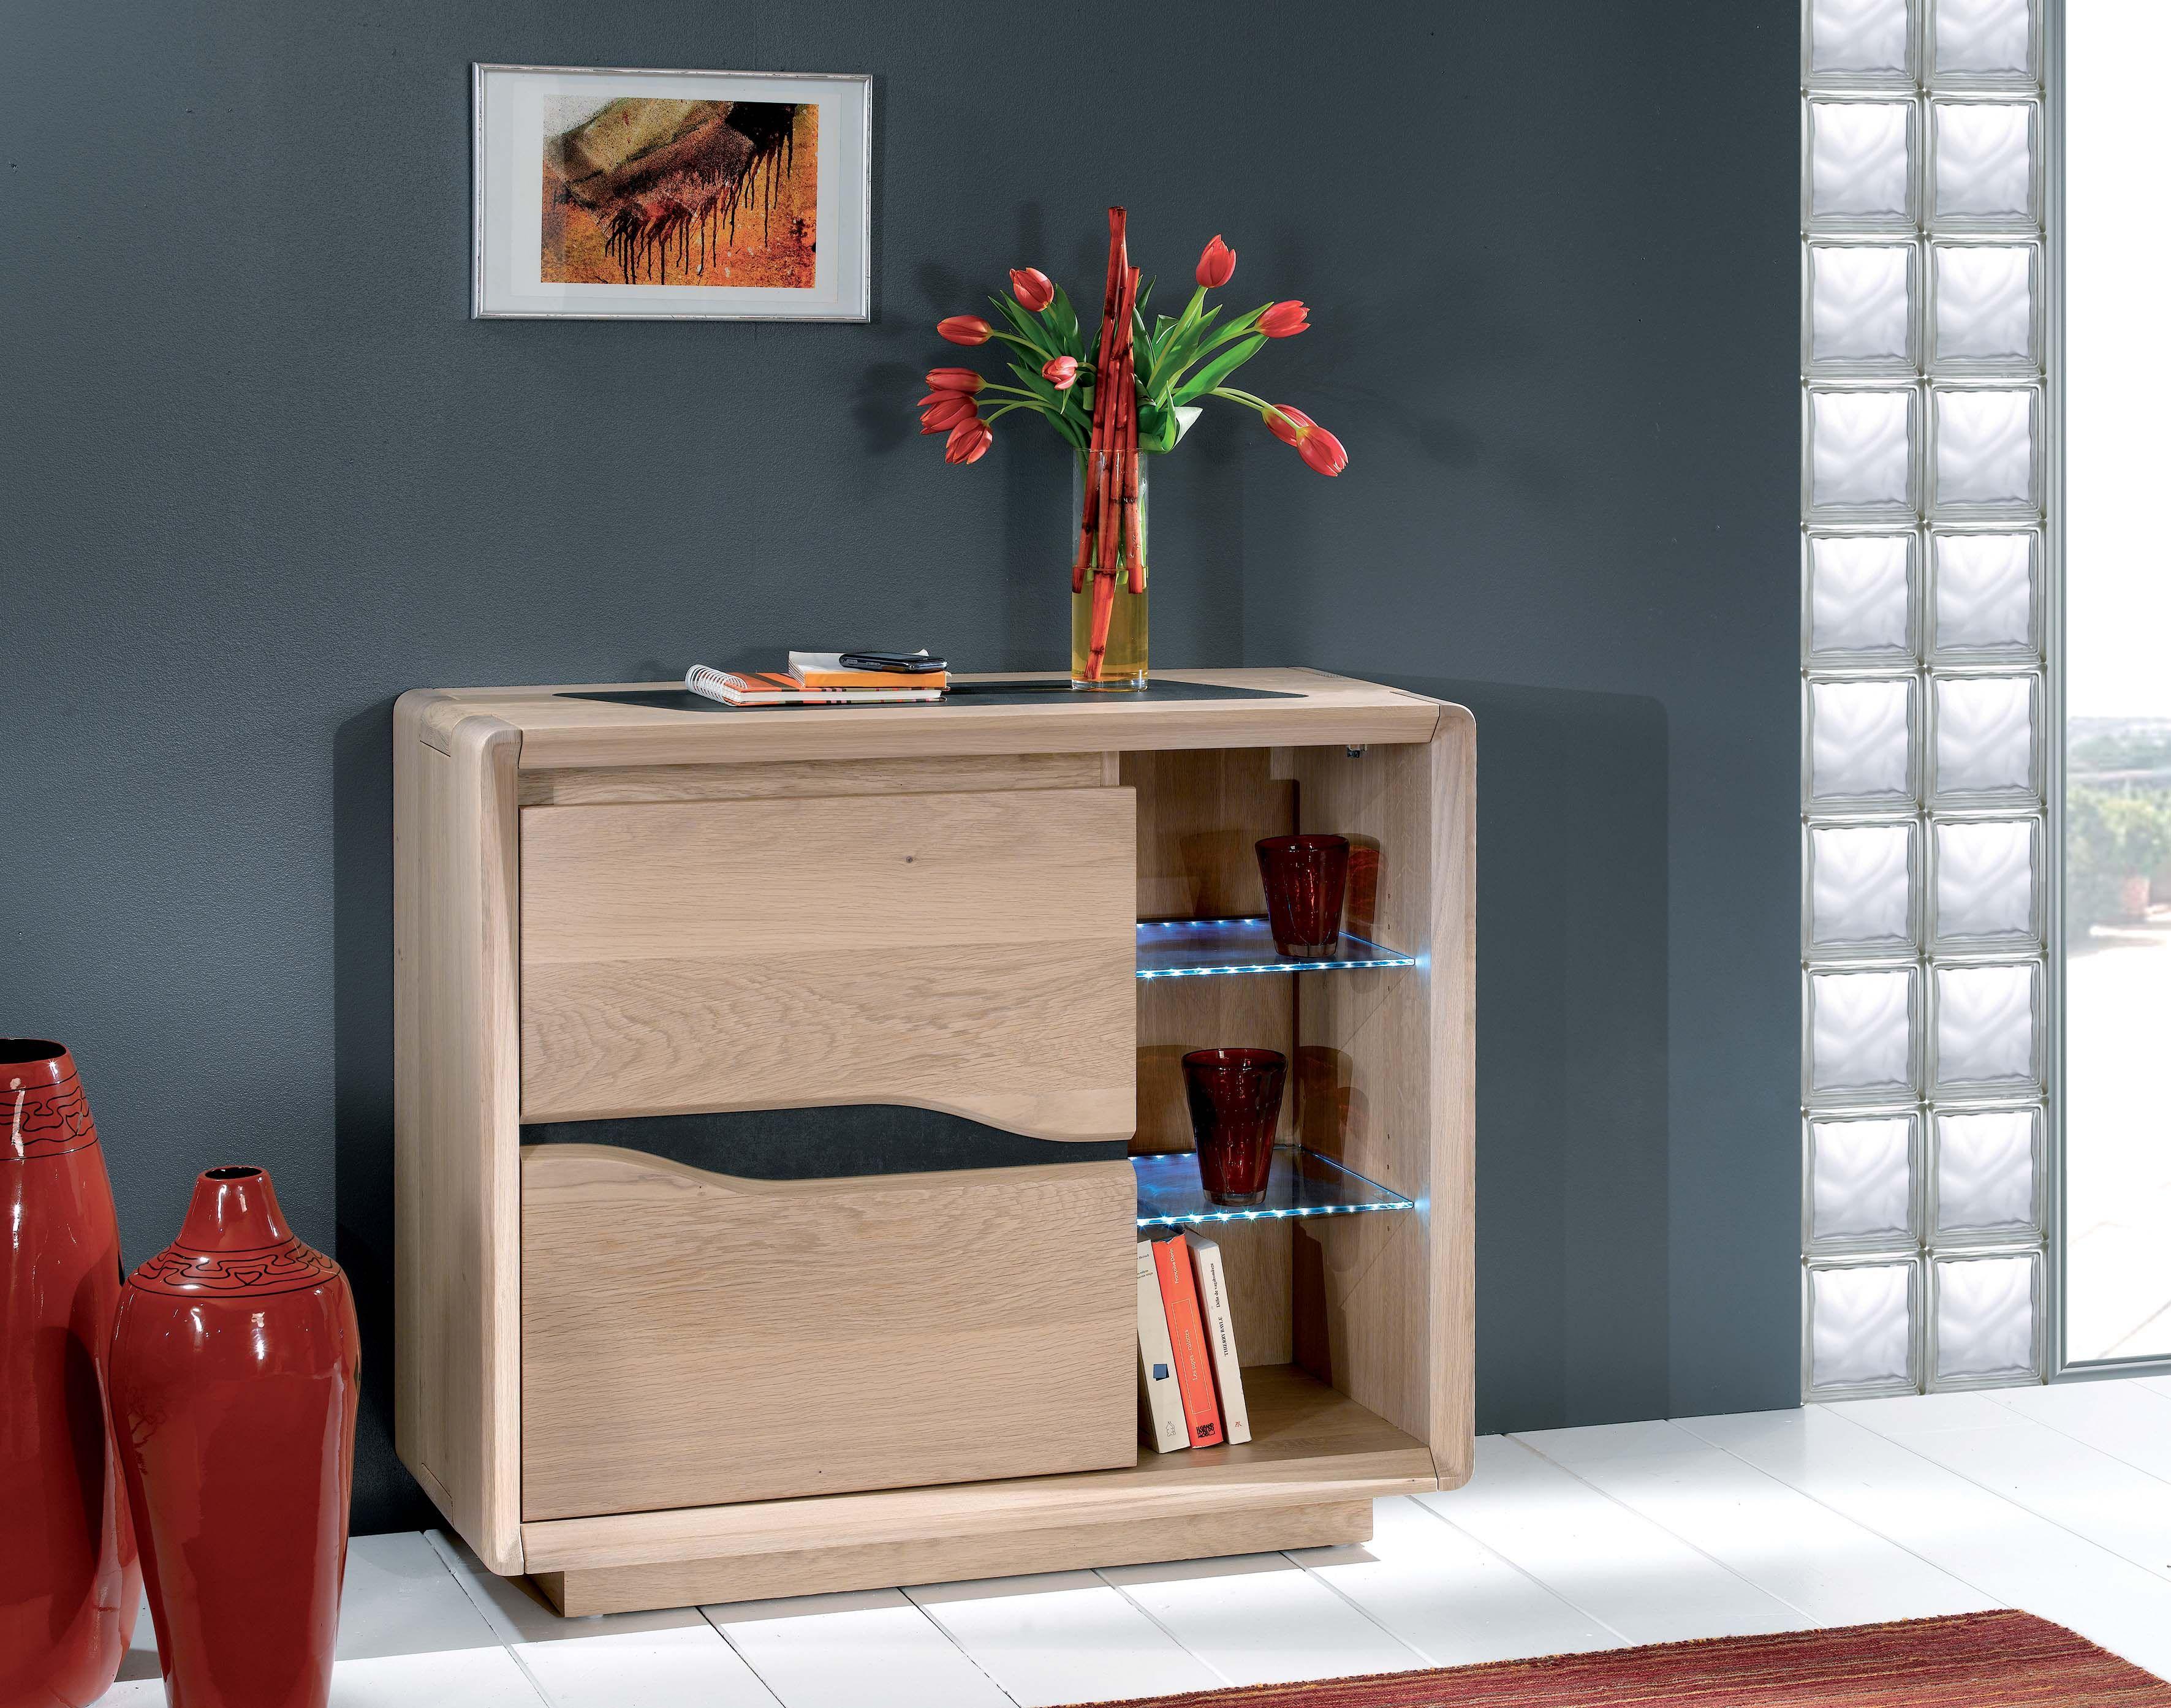 s jour c ram meuble d 39 ent e 1 porte 1 niche largeur 100 cm hauteur 86 cm profondeur. Black Bedroom Furniture Sets. Home Design Ideas